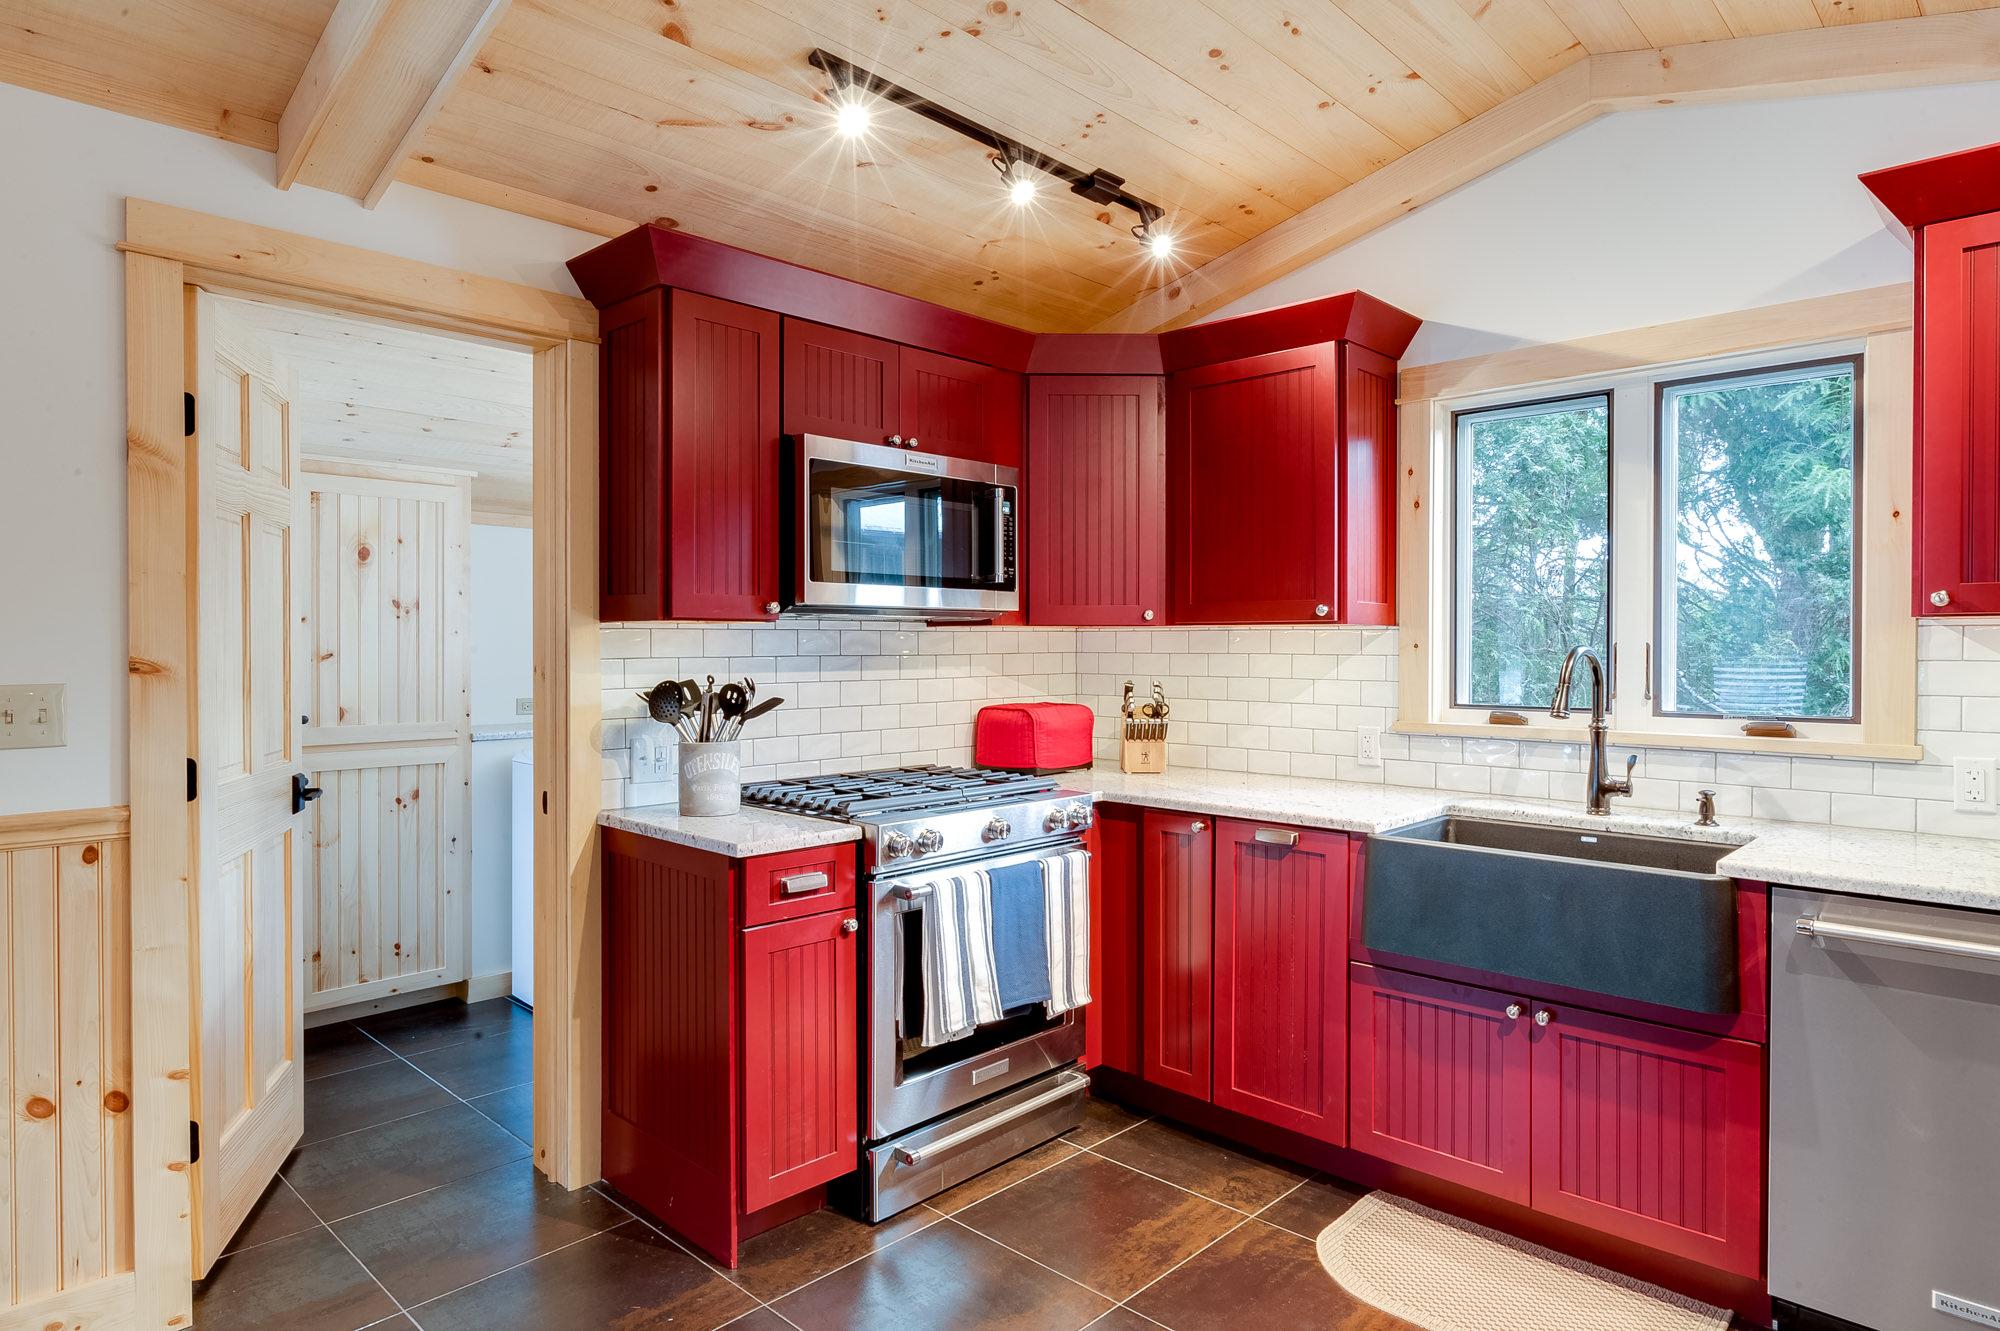 Maplewood-Brooks-Reynolds-Real-Estate-5.JPG